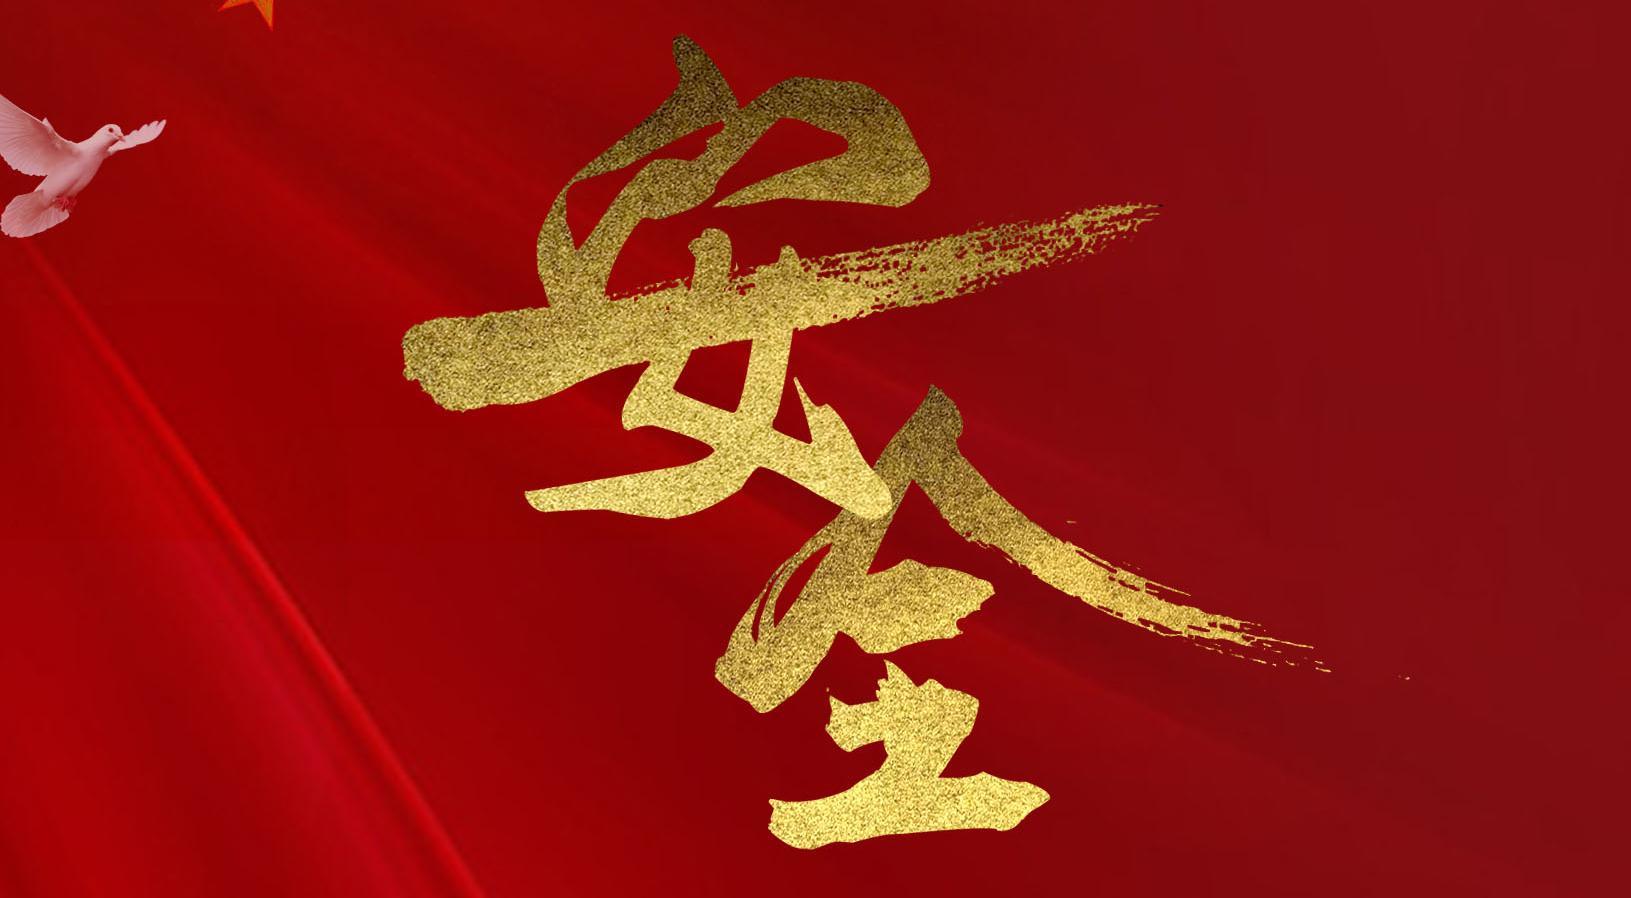 2019年吉林省军工企业网络安全知识讲座会议圆满结束